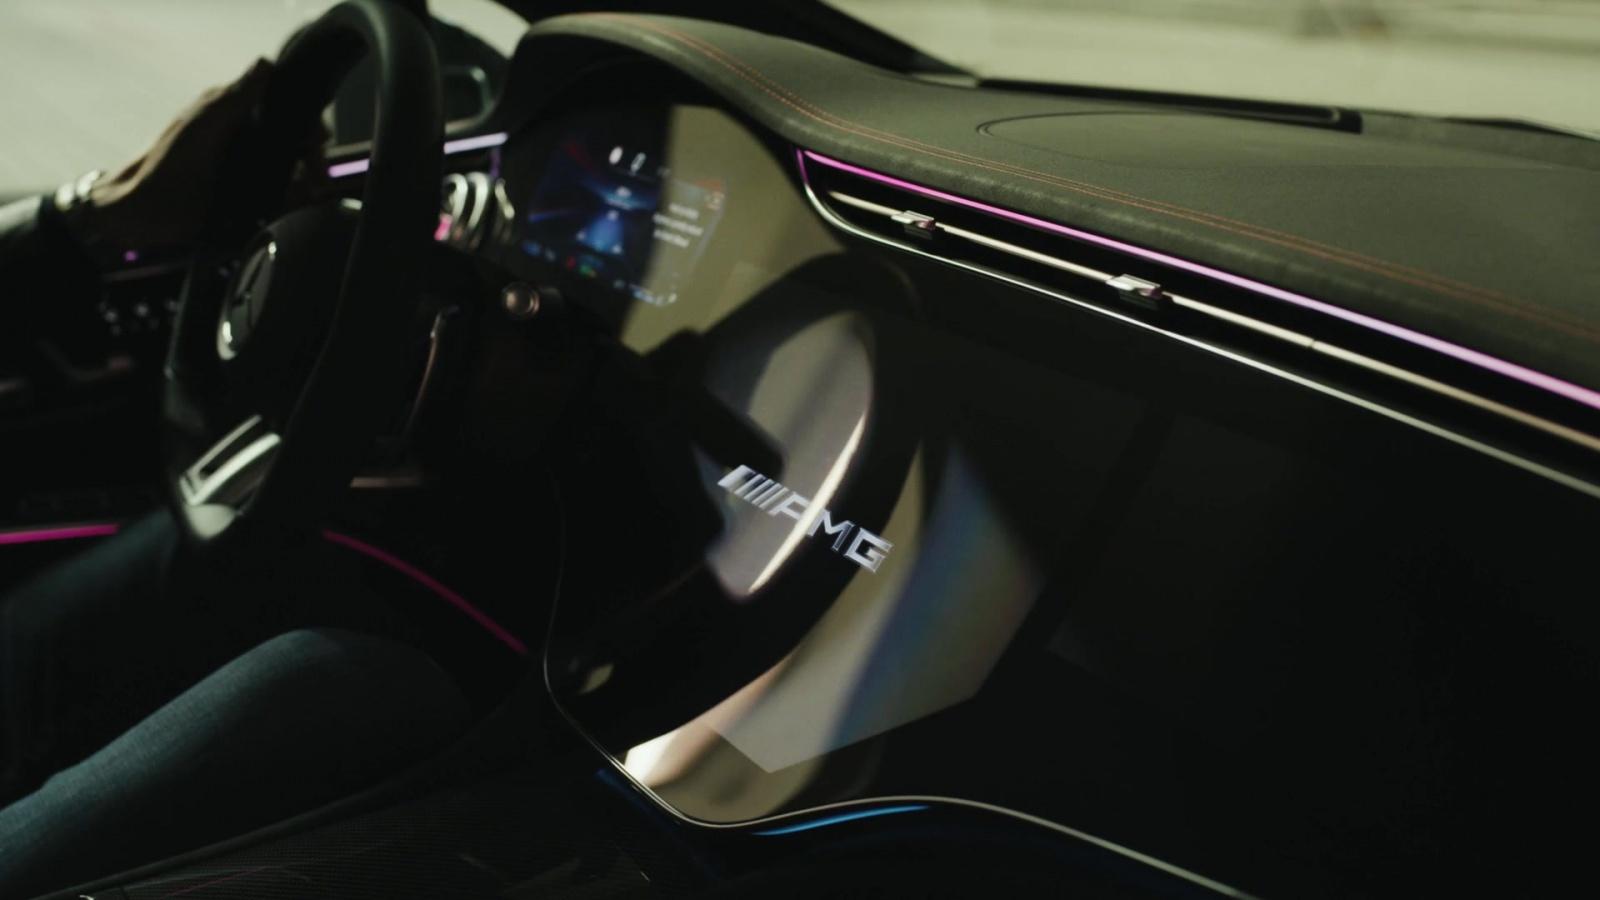 Название: 2021-09-05_Screenshot_Mercedes-Benz-at-IAA-MOBILITY-2021-41-56.jpg Просмотров: 391  Размер: 190.8 Кб